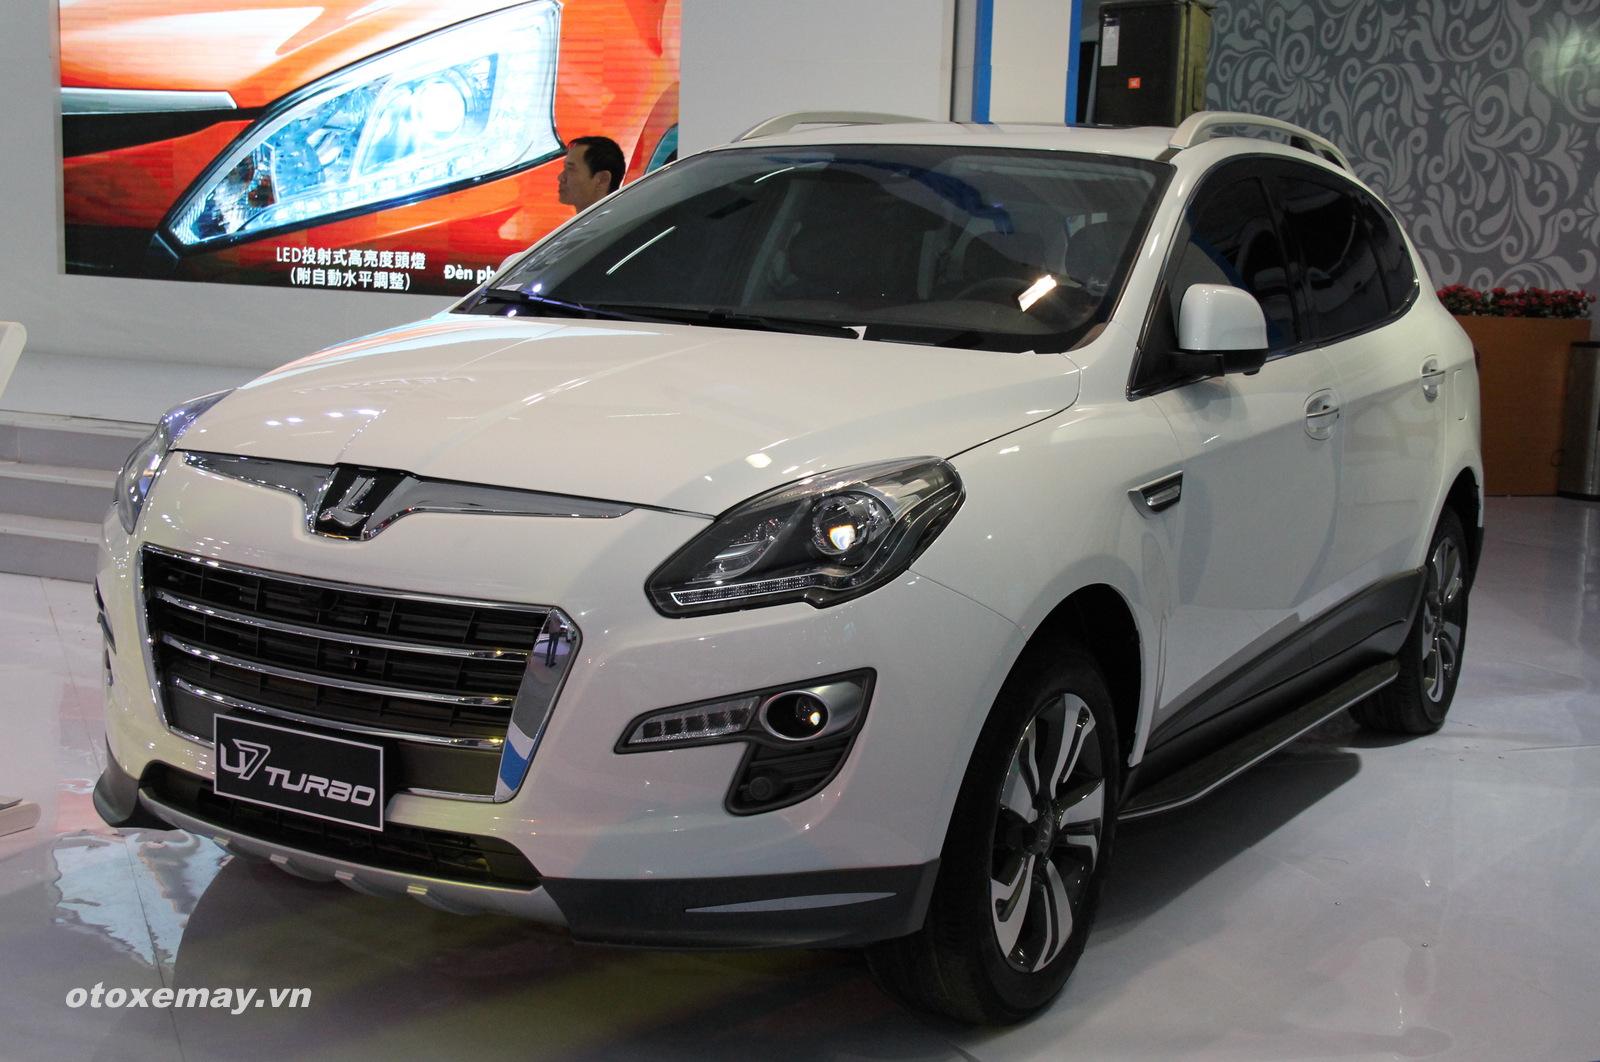 VIMS 2015: Công nghệ trên xe Luxgen của Đài Loan có gì - ảnh 2